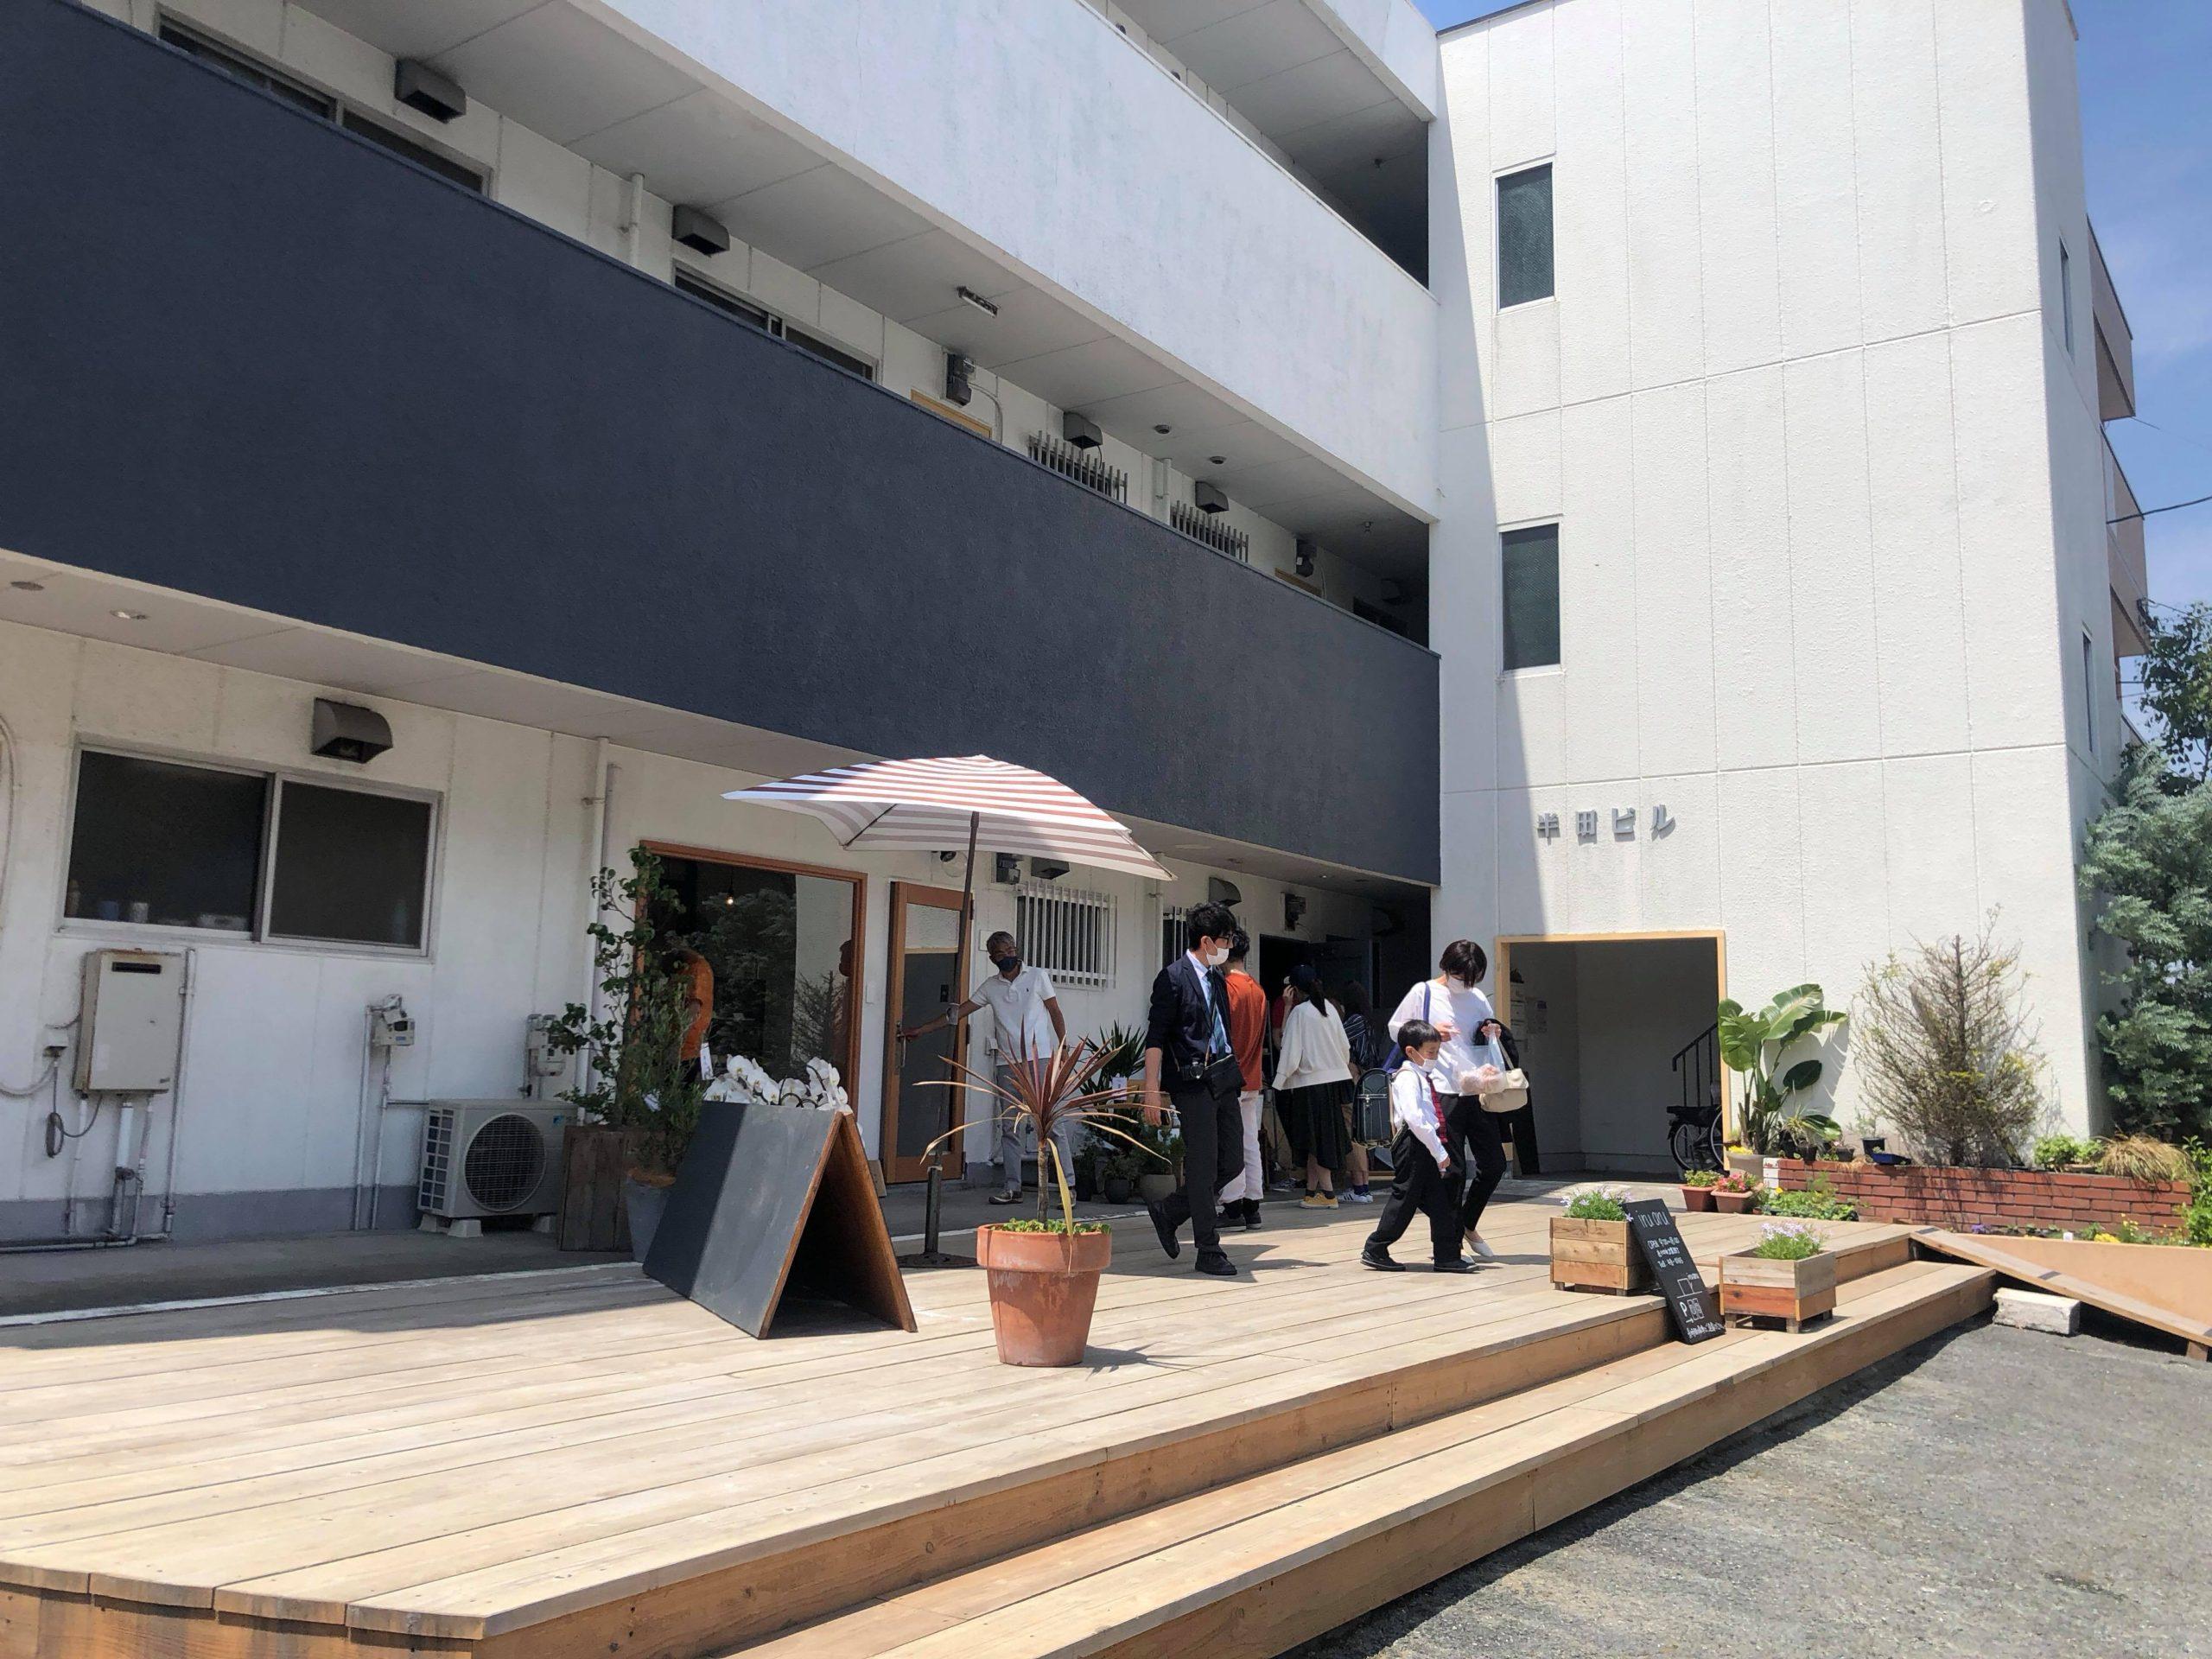 櫛原駅エリアのみらいマップ~菜園アパートから広がるマチのつながり~@ハンダアパートのイメージ